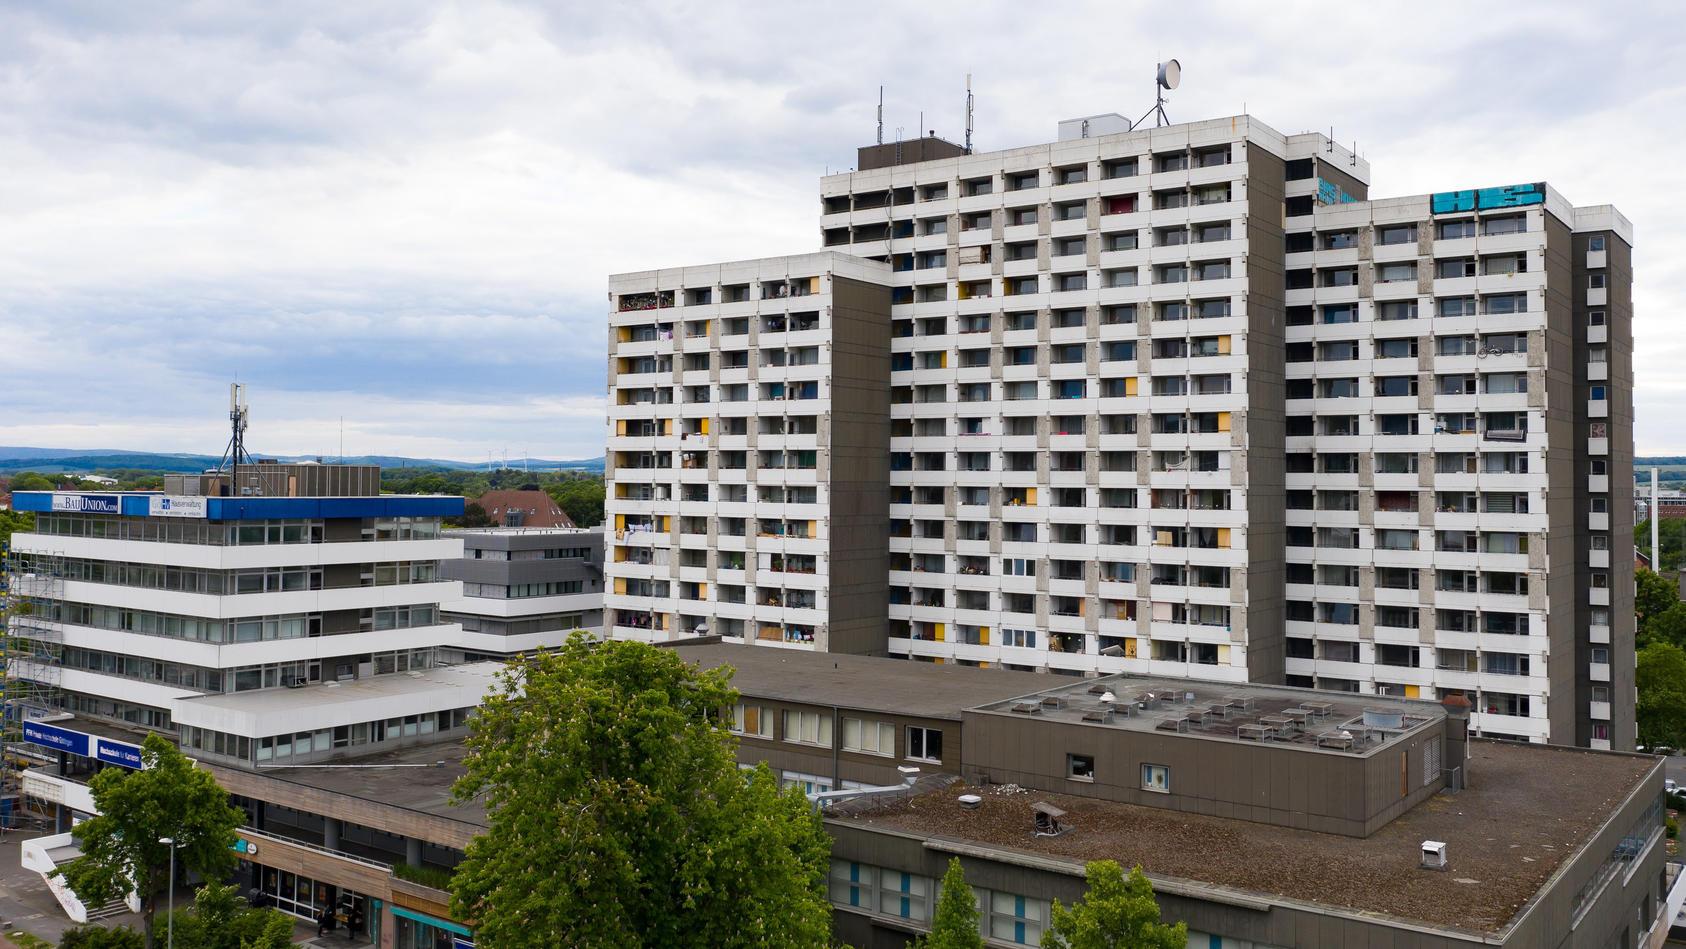 In diesem Göttinger Hochhaus mit insgesamt 700 Bewohnern haben sich bei privaten Feiern mindestens 68 Mitglieder mehrerer Großfamilien mit dem Coronavirus infiziert.